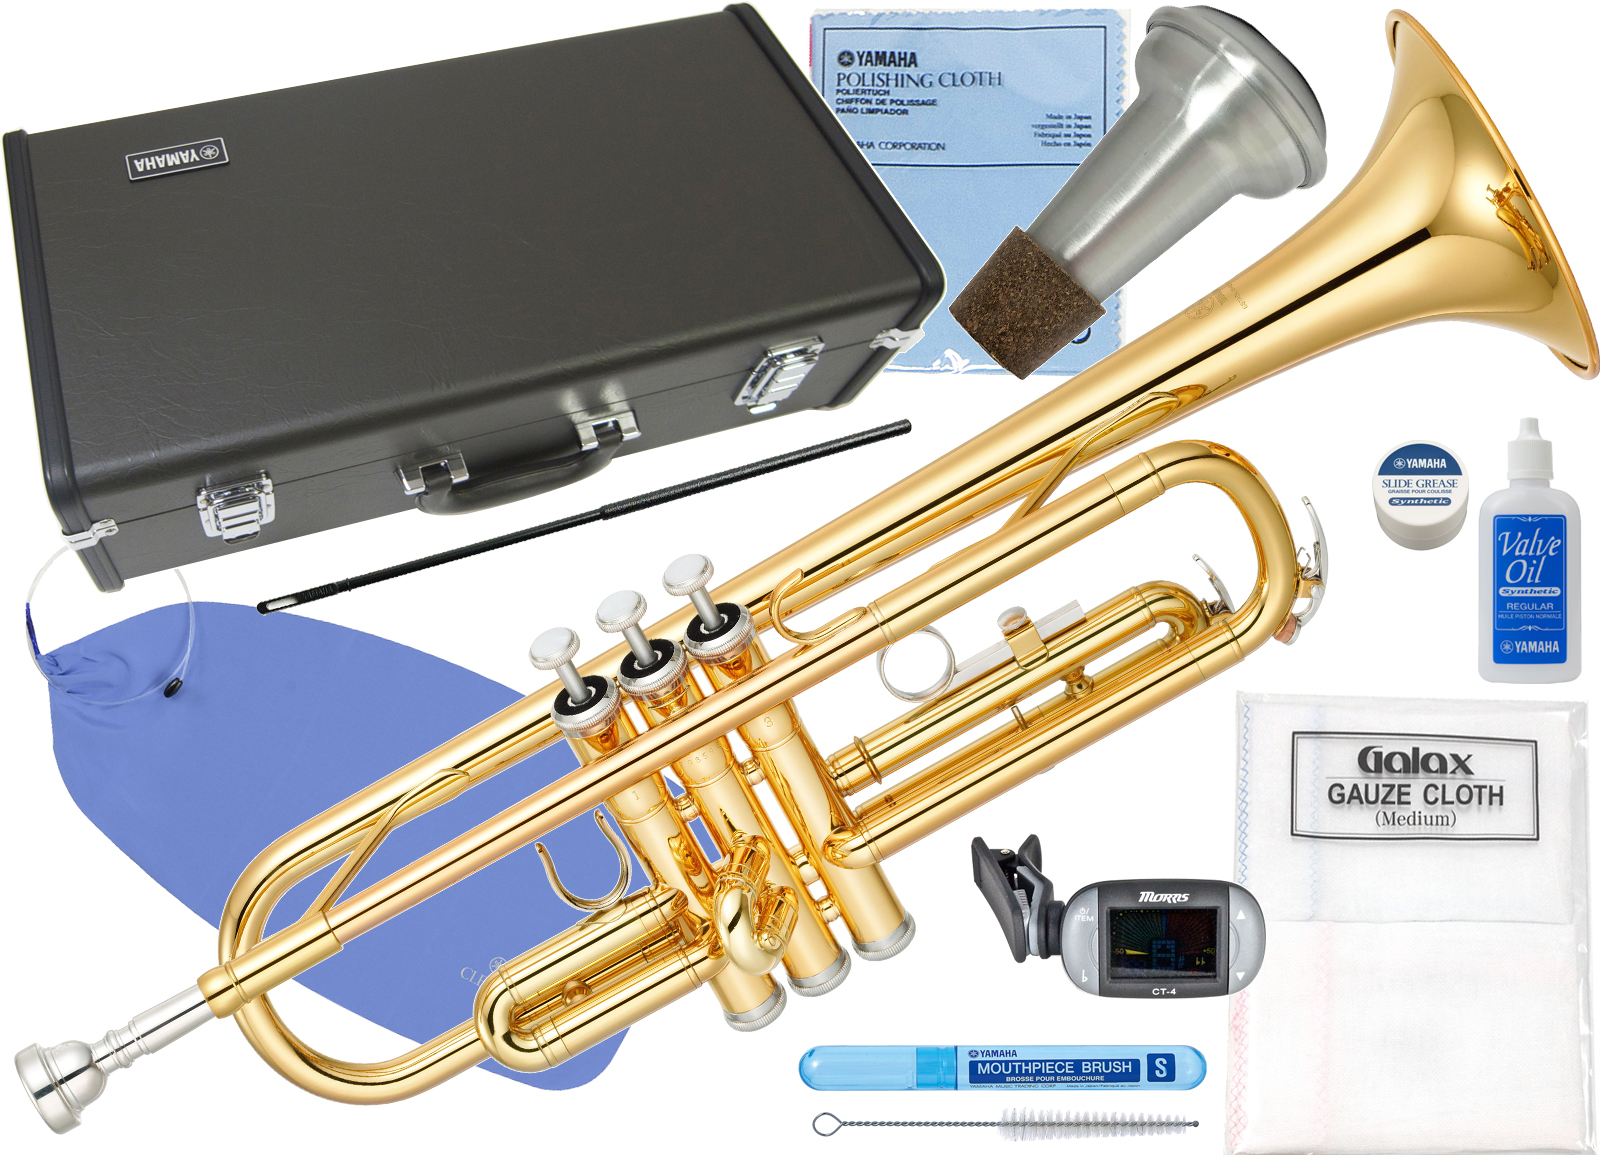 YAMAHA ( ヤマハ ) YTR-2330 トランペット 新品 本体 ゴールド 管楽器 管体 B♭ 初心者 スタンダード 【 YTR2330 セット F】 送料無料